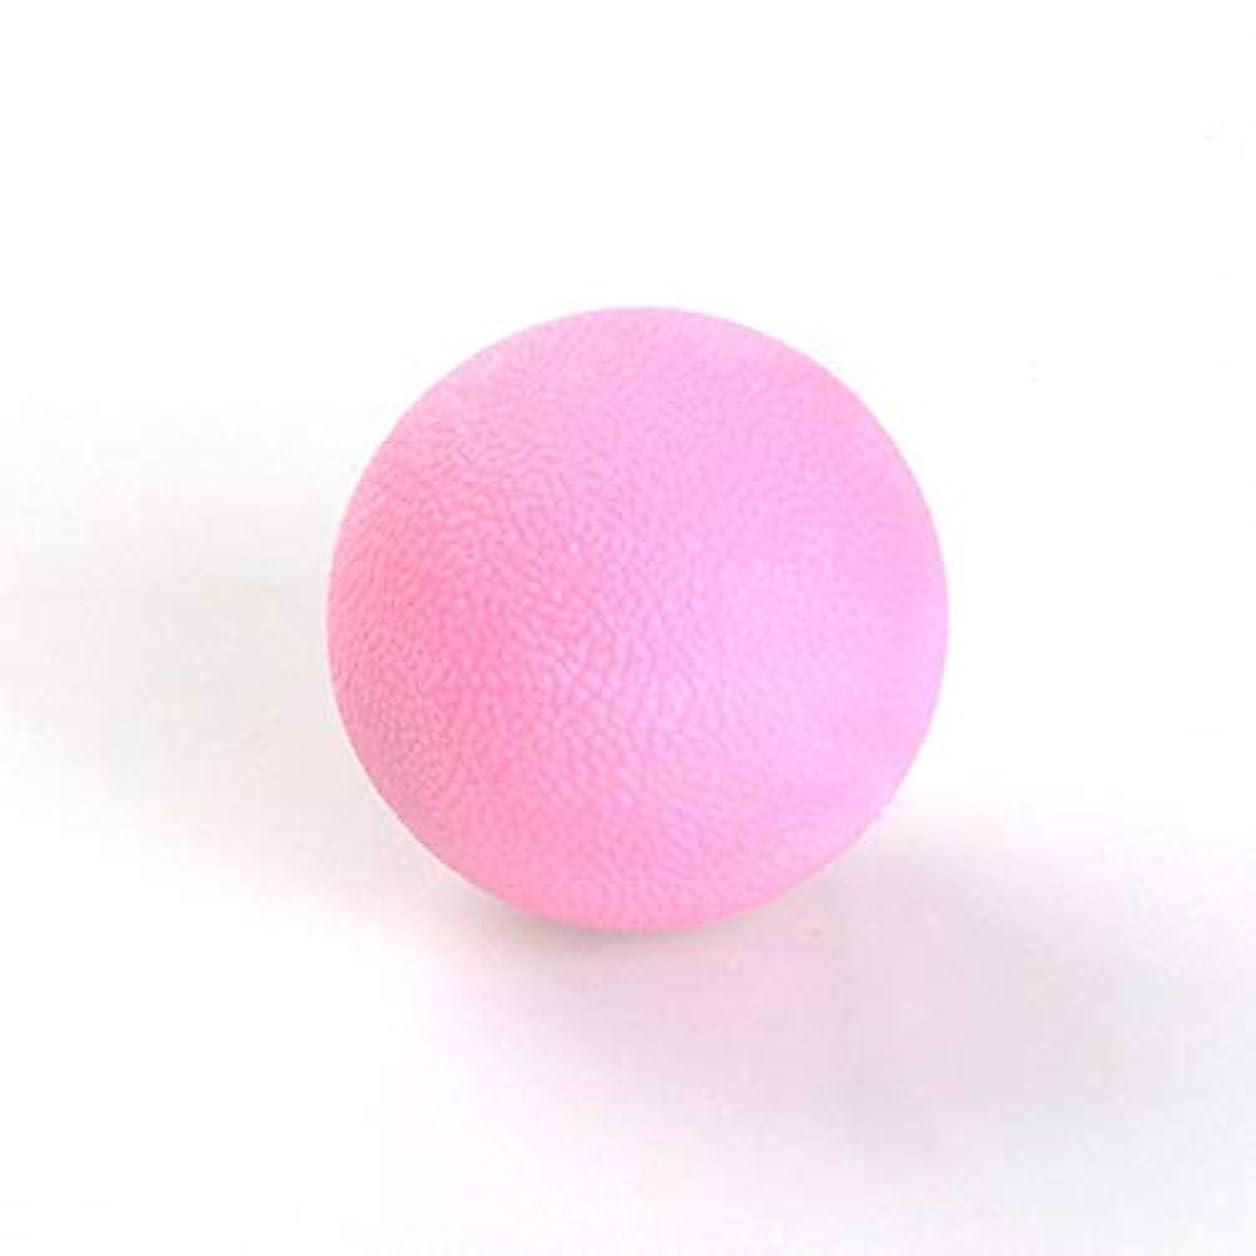 シャンパン島しかしながら65ミリメートルマッサージボール筋筋膜トリガーポイントボディ疲労フィットネスボールを和らげます